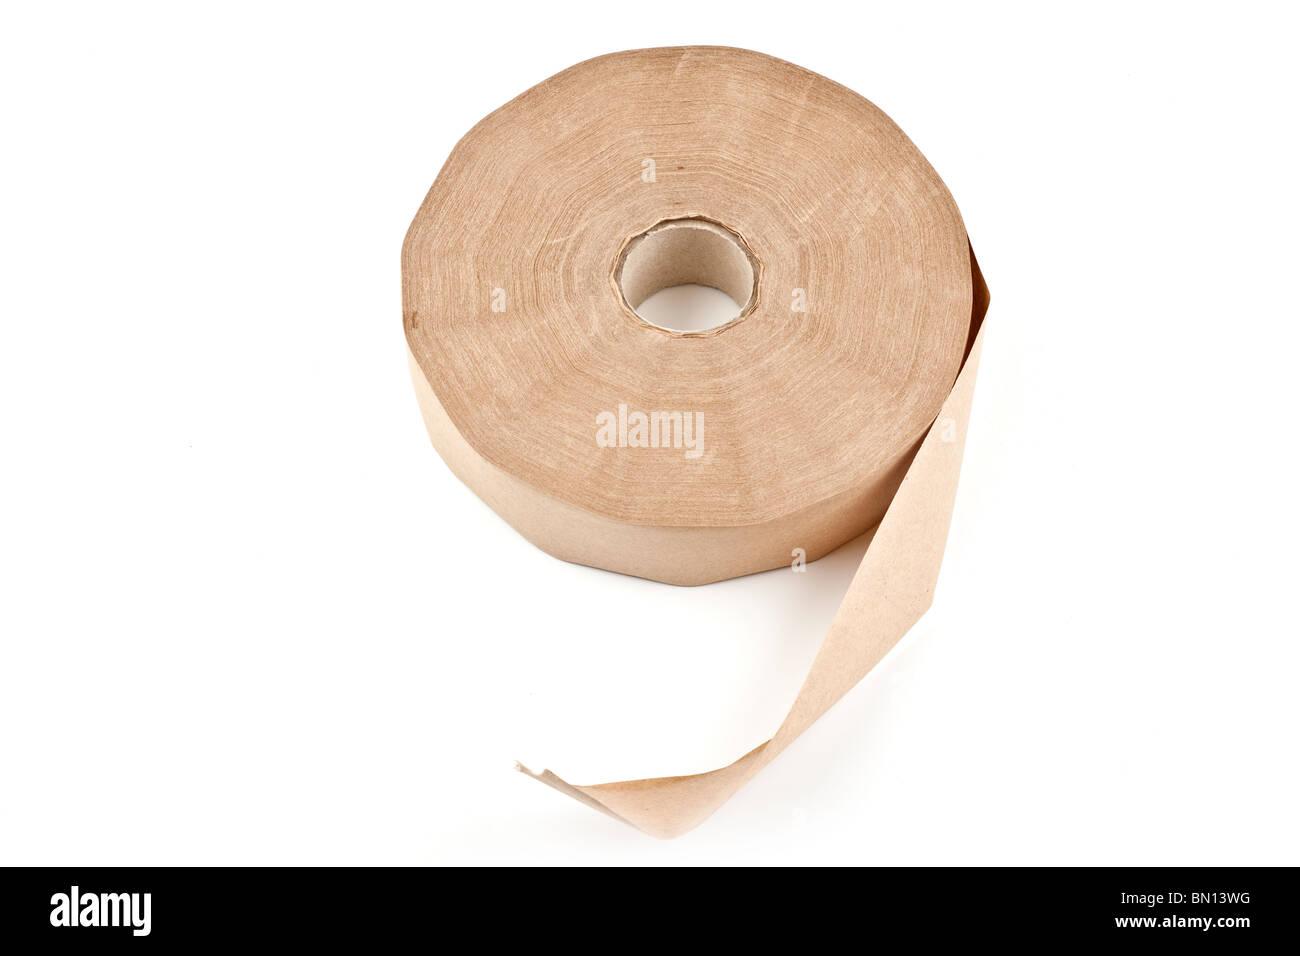 Rollo de cinta de papel marrón autores Imagen De Stock